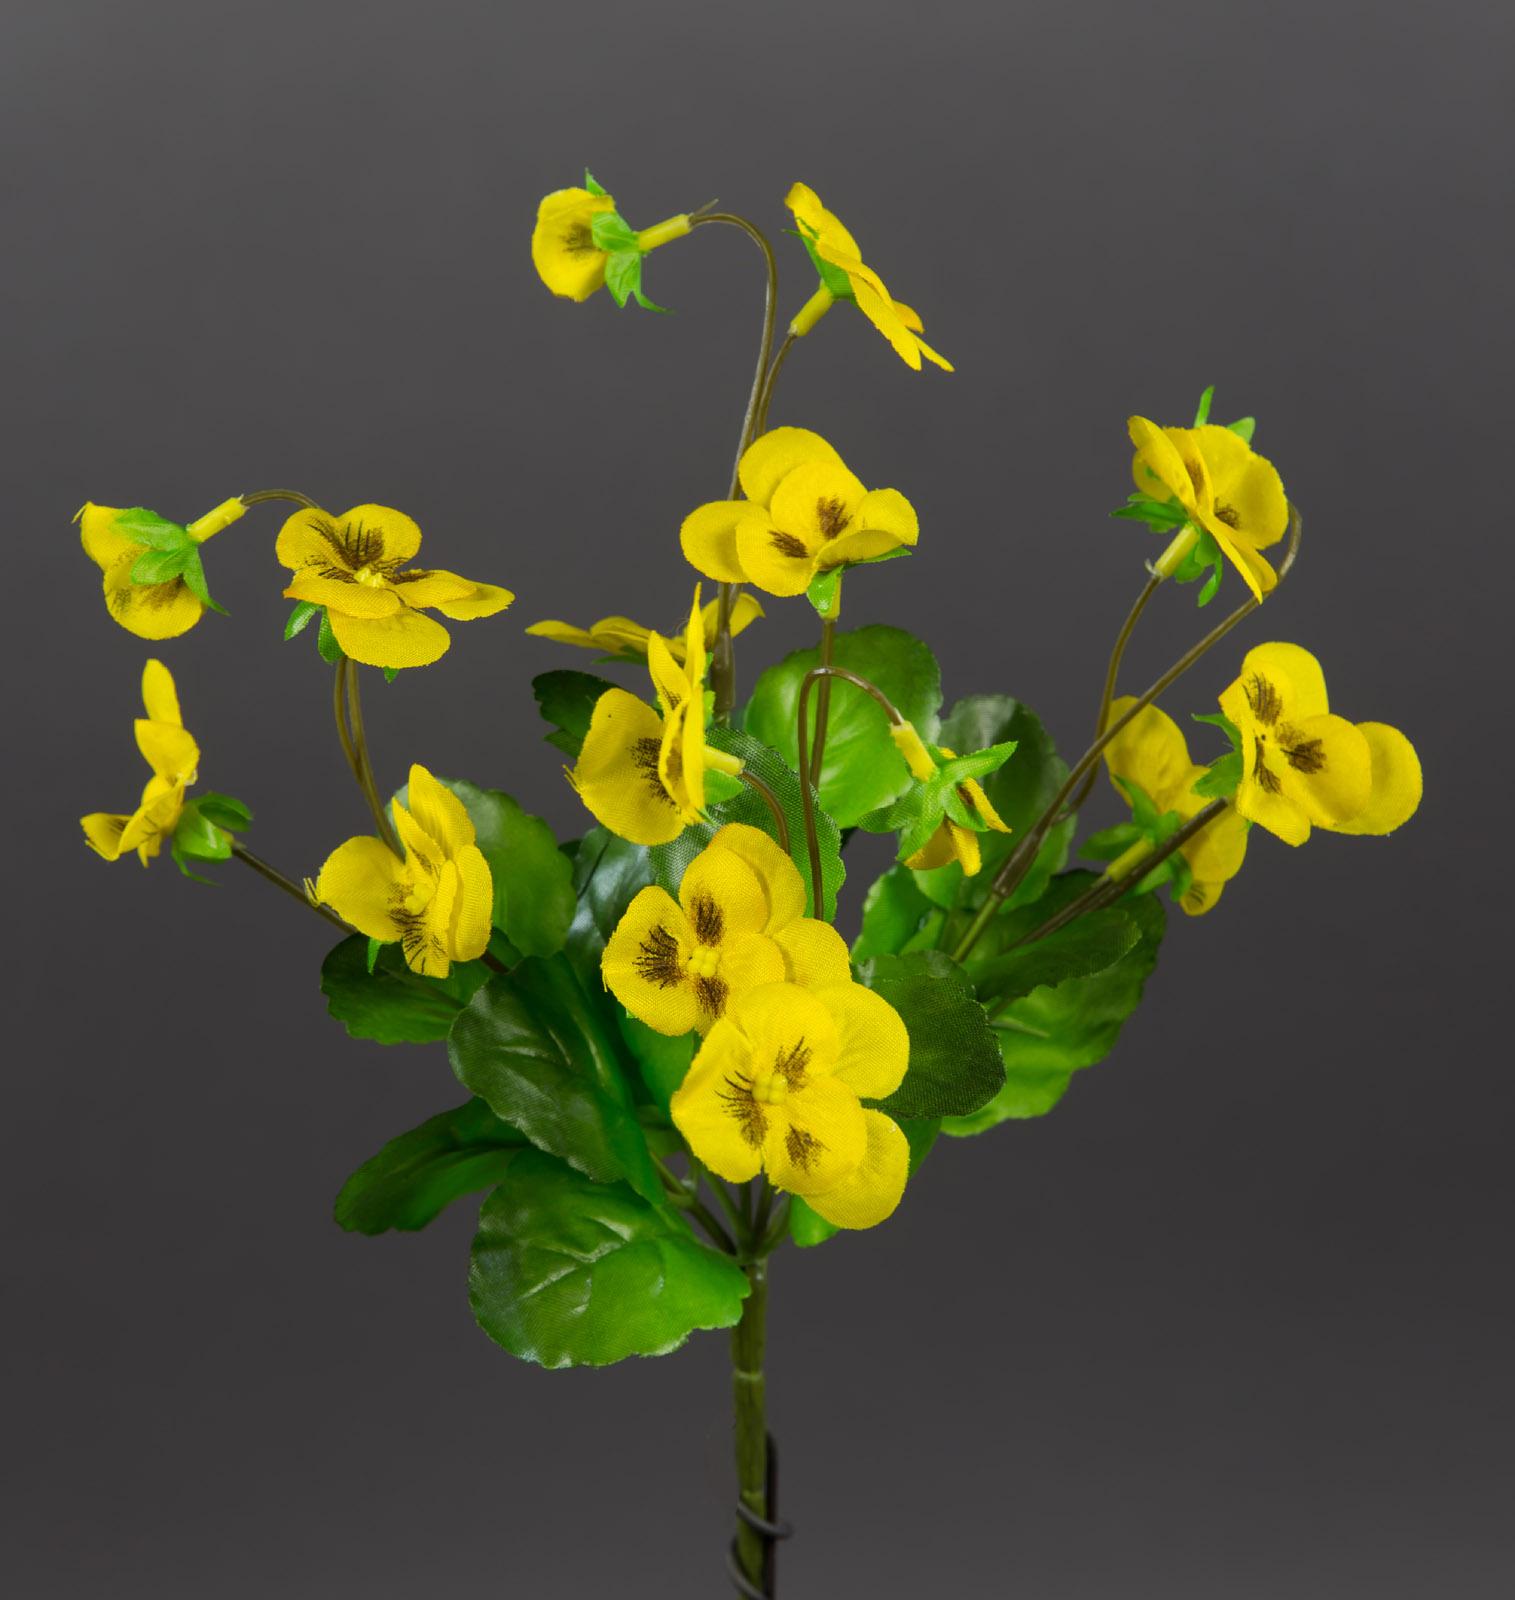 hornveilchen 22cm gelb fi k nstliche pflanzen stiefm tterchen kunstblumen ebay. Black Bedroom Furniture Sets. Home Design Ideas